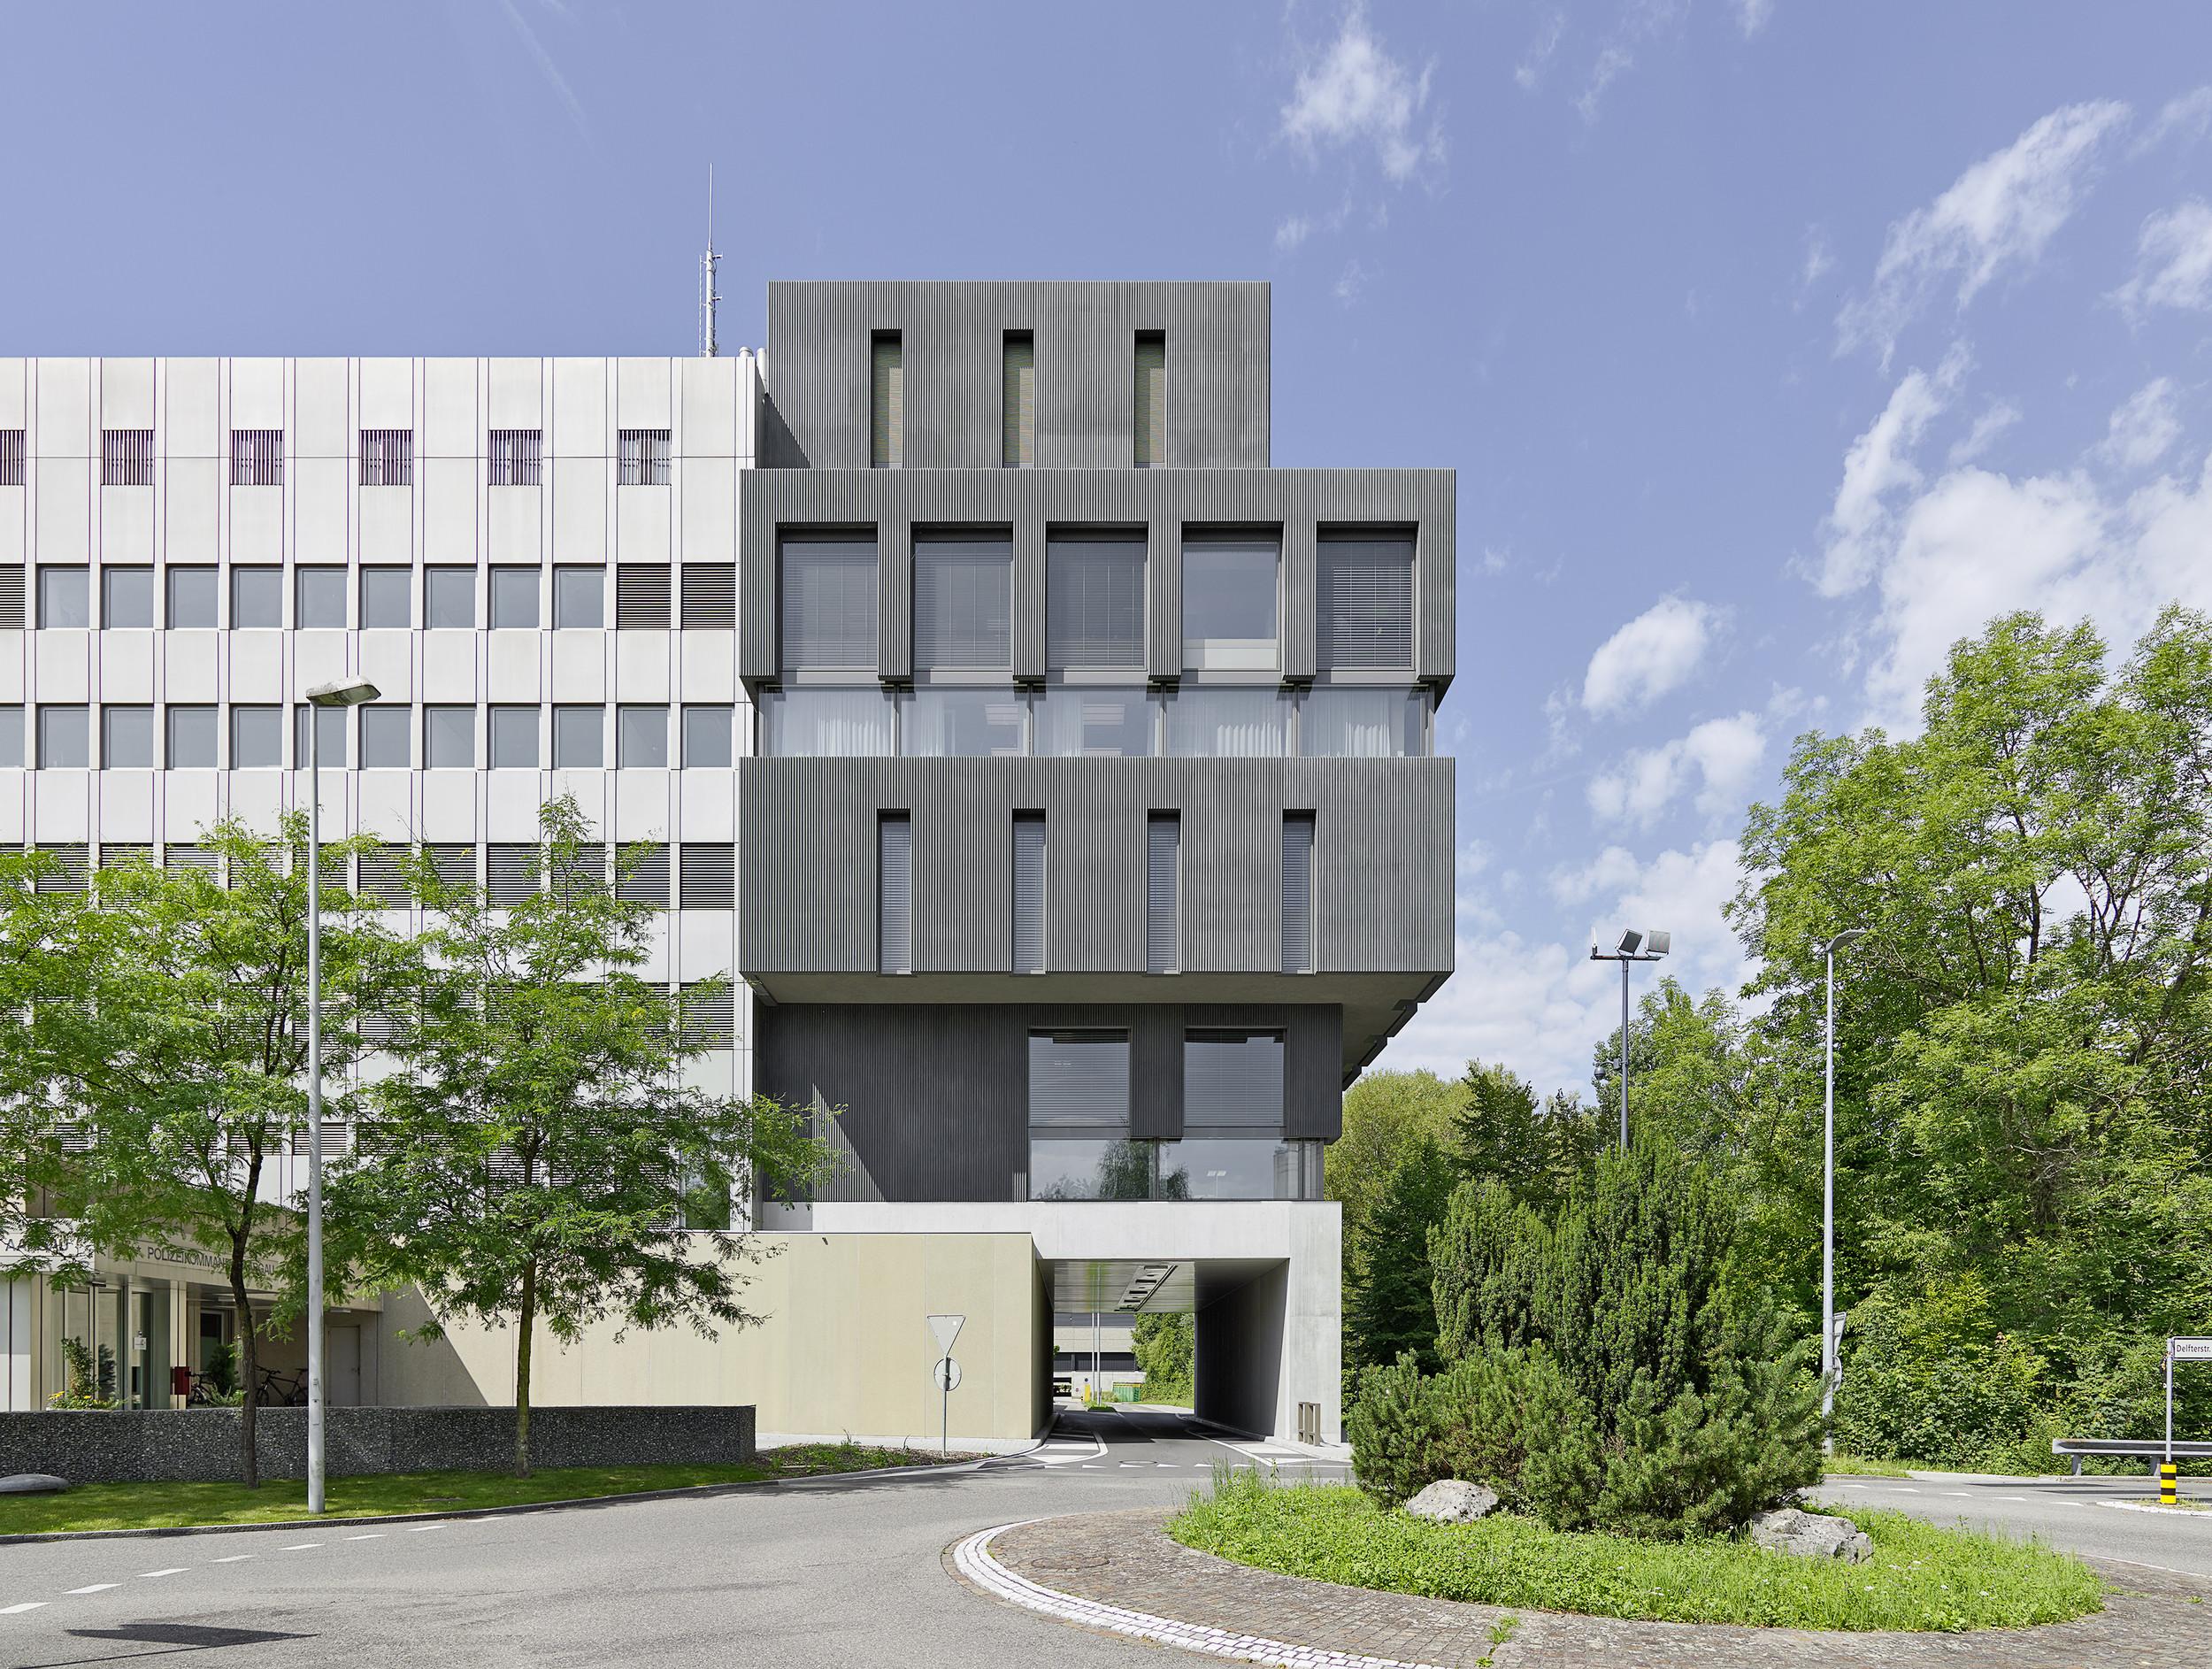 mehrgeschossiges Gebäude mit herausstehendem Blockteil in Zarge lackiert